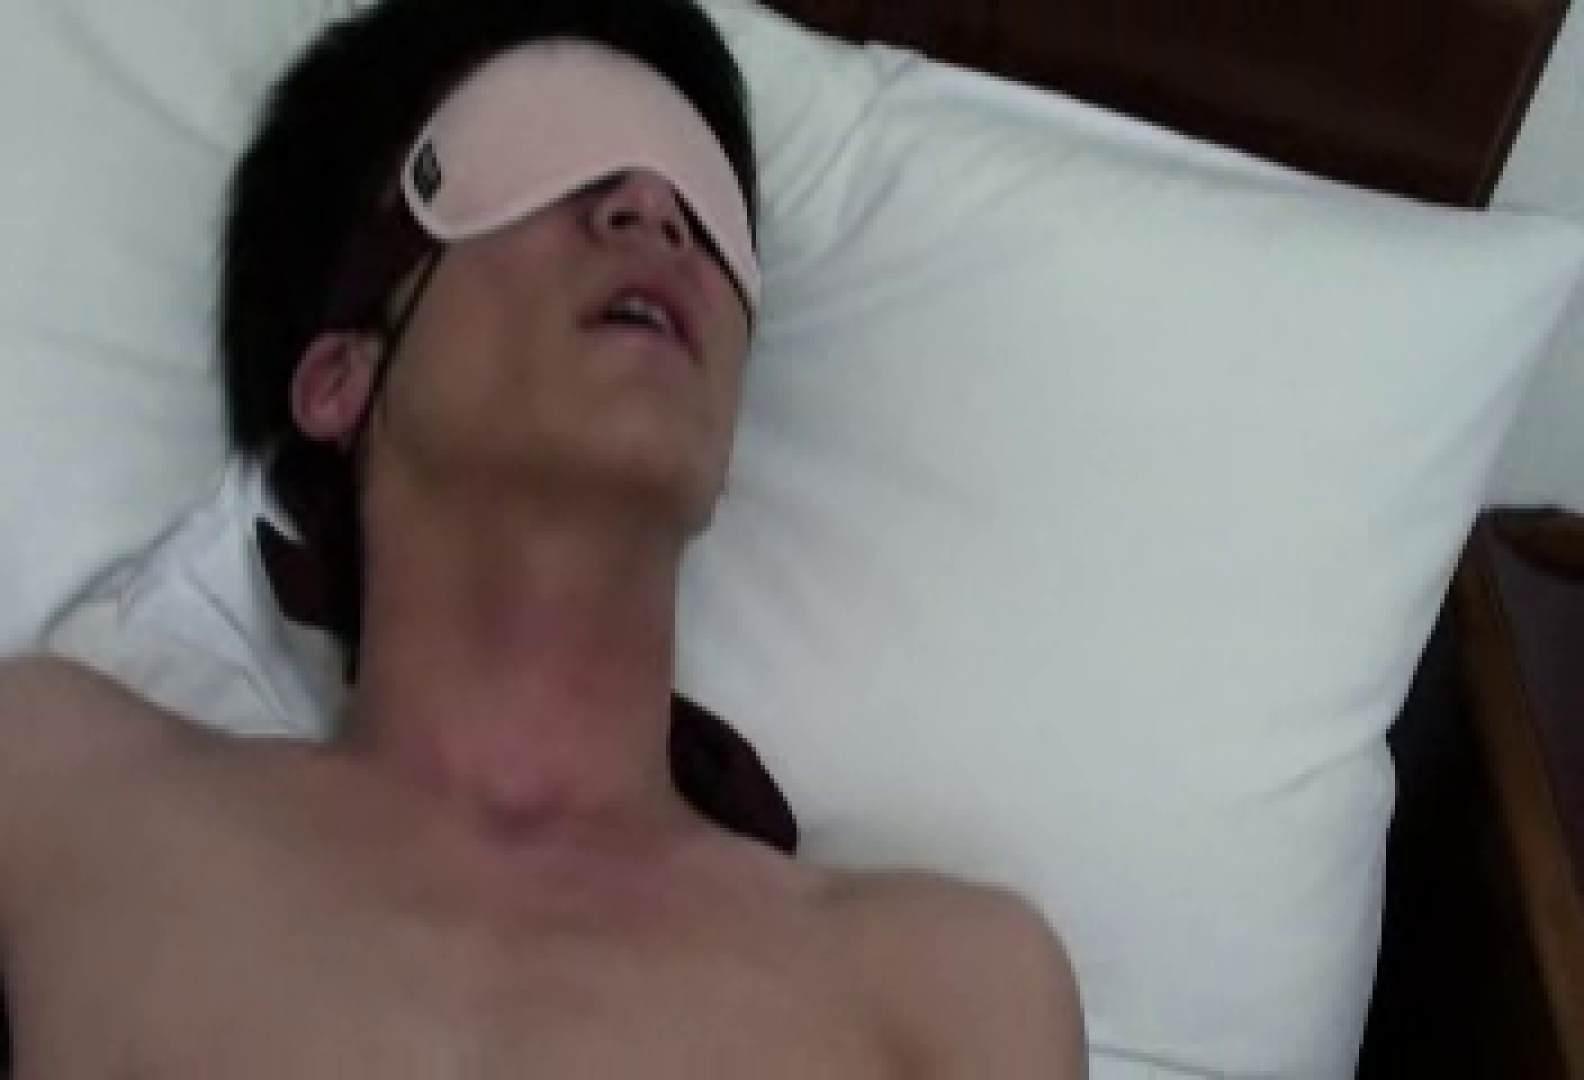 アイマスクでおもいっきり性感帯!!vol.03 菊指 ゲイアダルトビデオ画像 99画像 87